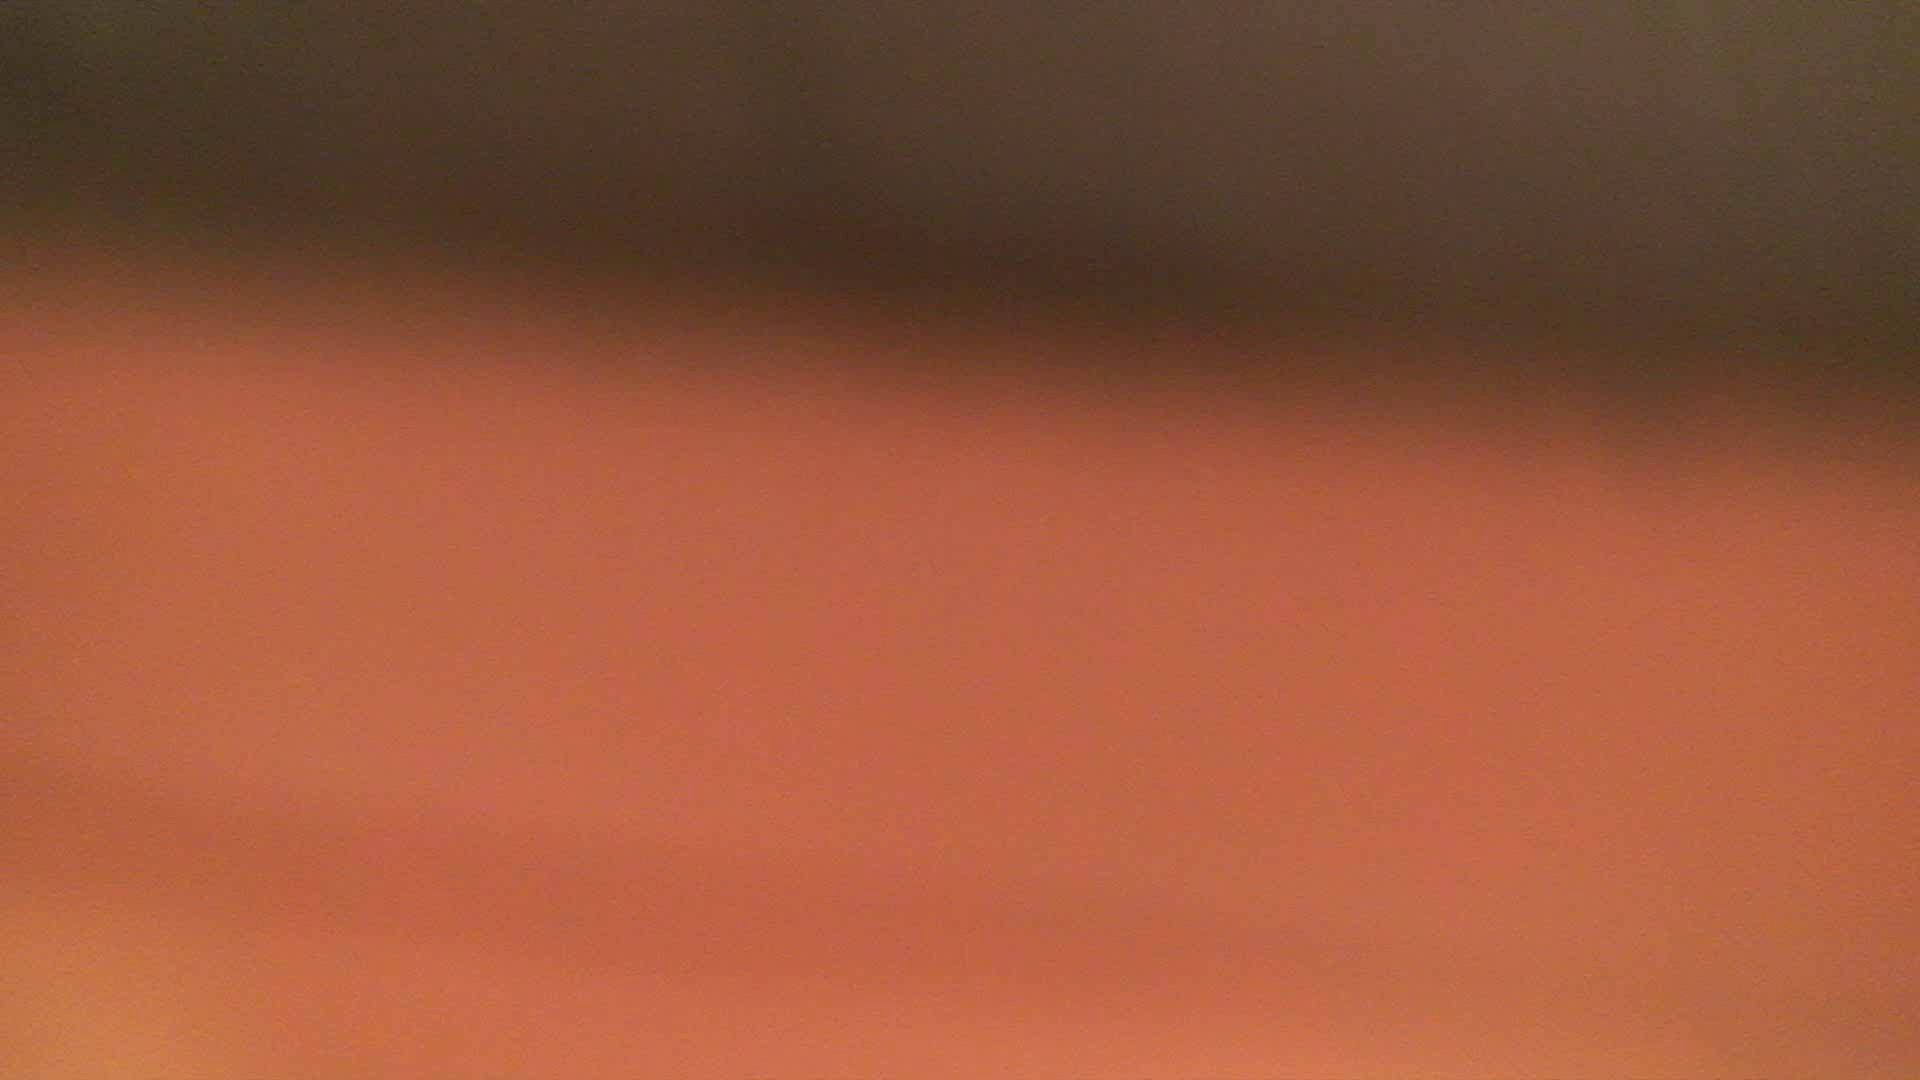 アダルトエロ動画|洗面所内潜入!同級生が同級生を盗撮! vol.03|怪盗ジョーカー